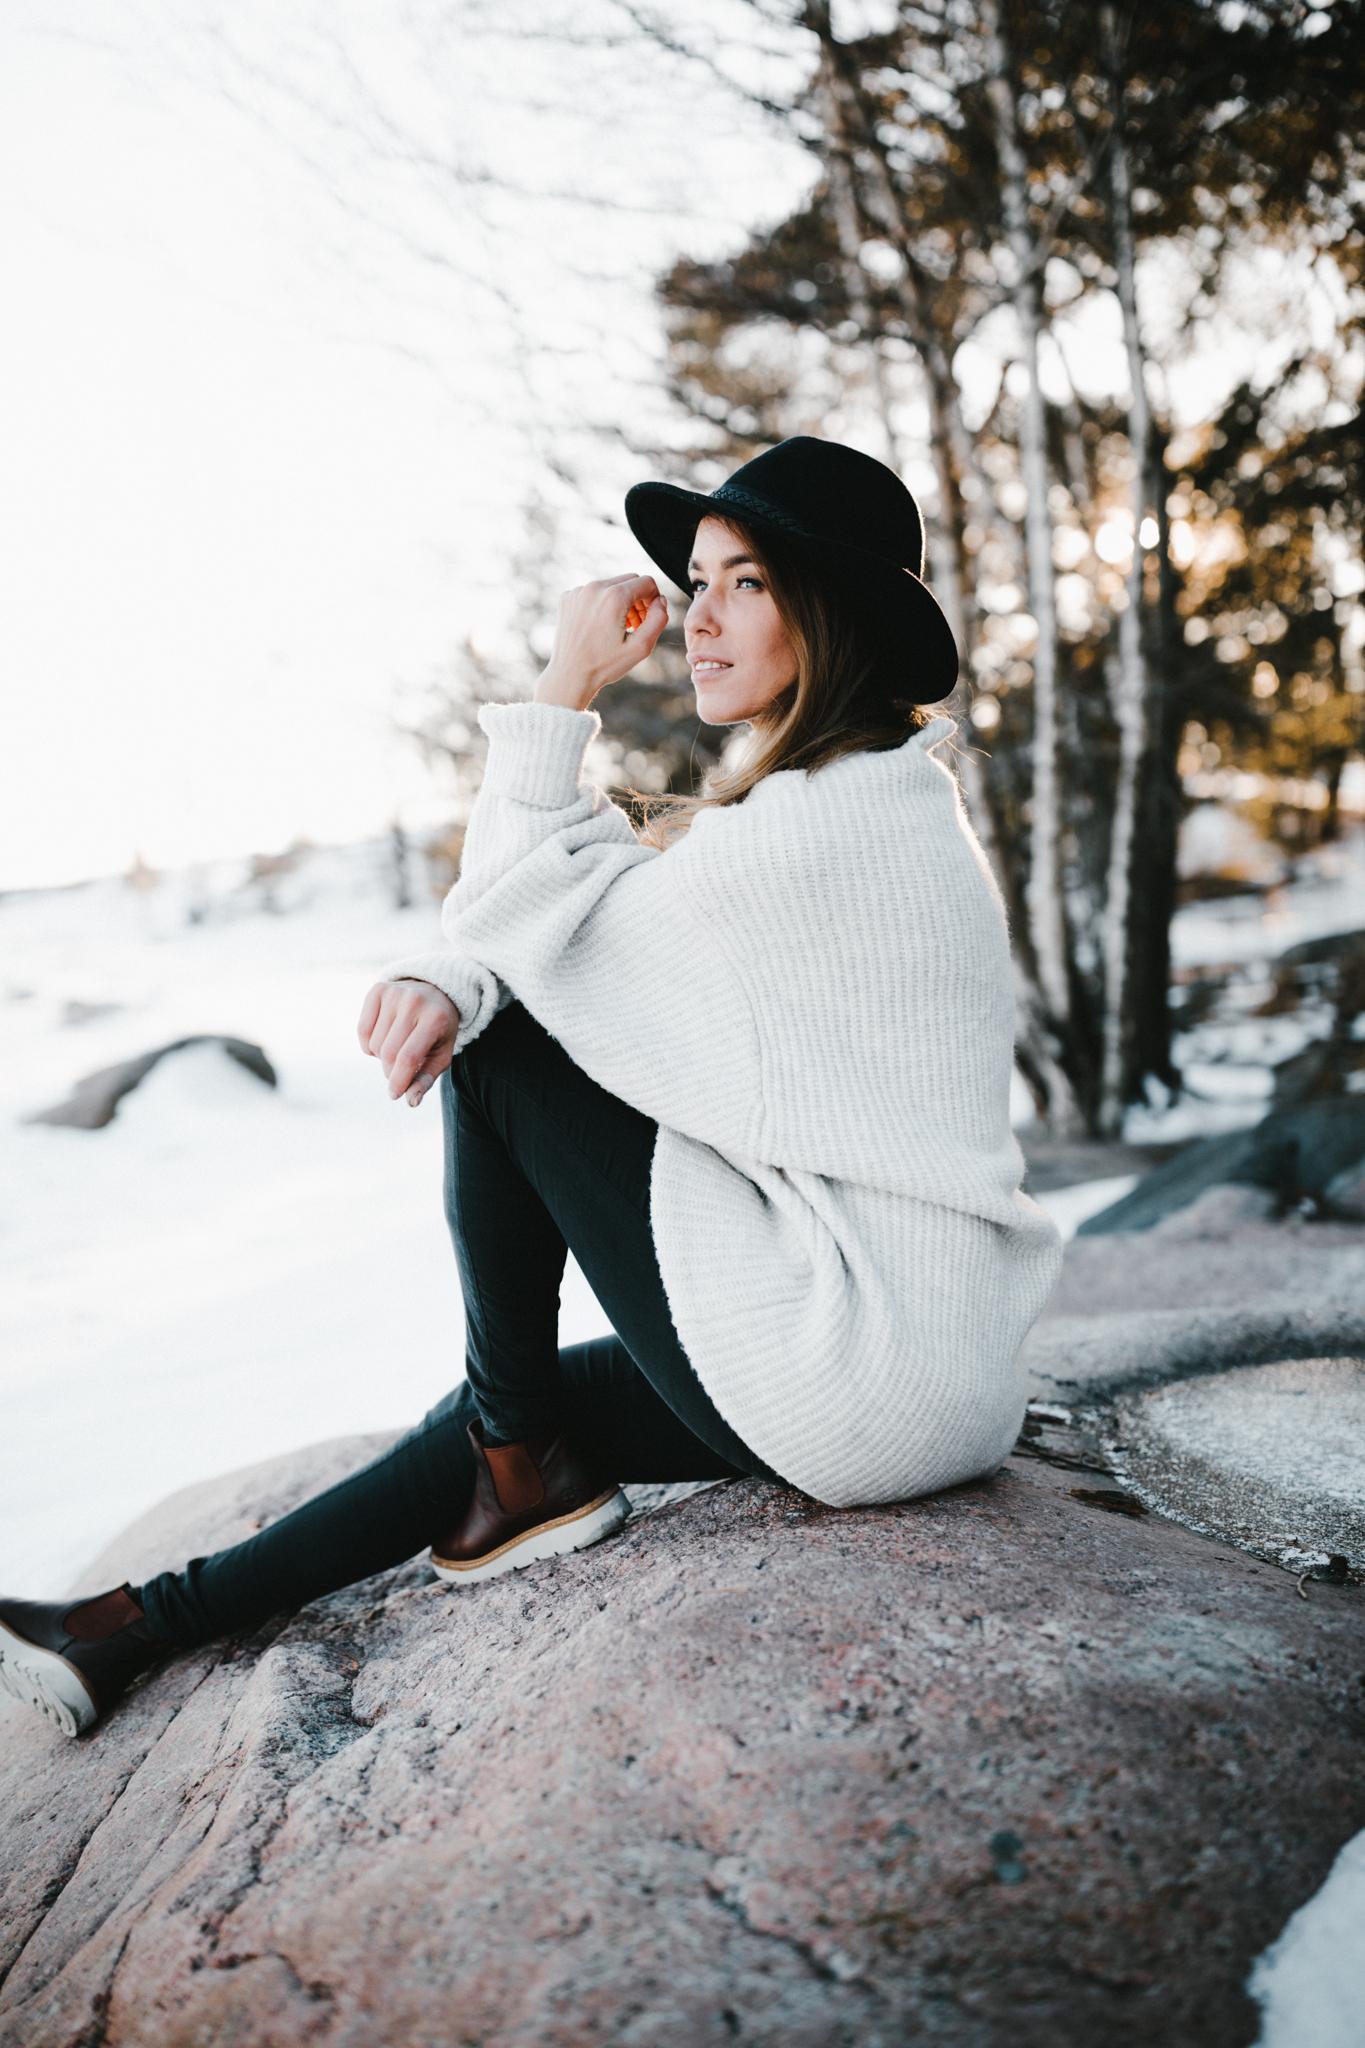 Julia Toivola -- Photos by Patrick Karkkolainen Photographer-14.jpg